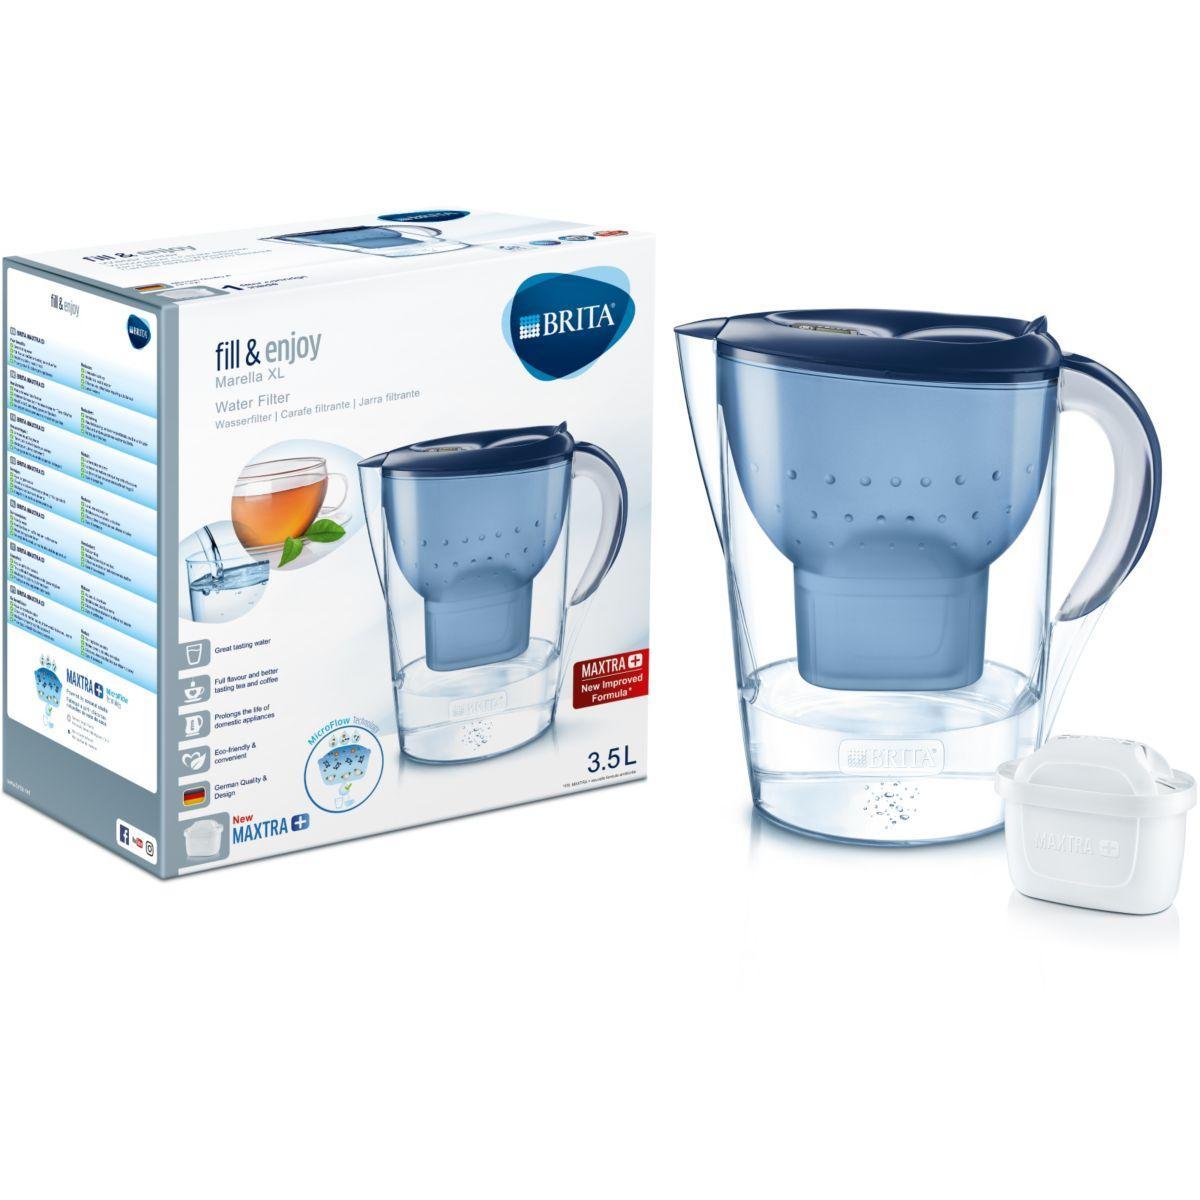 Image of BRITA Marella XL Filtre à eau pour carafe 3.5L Bleu